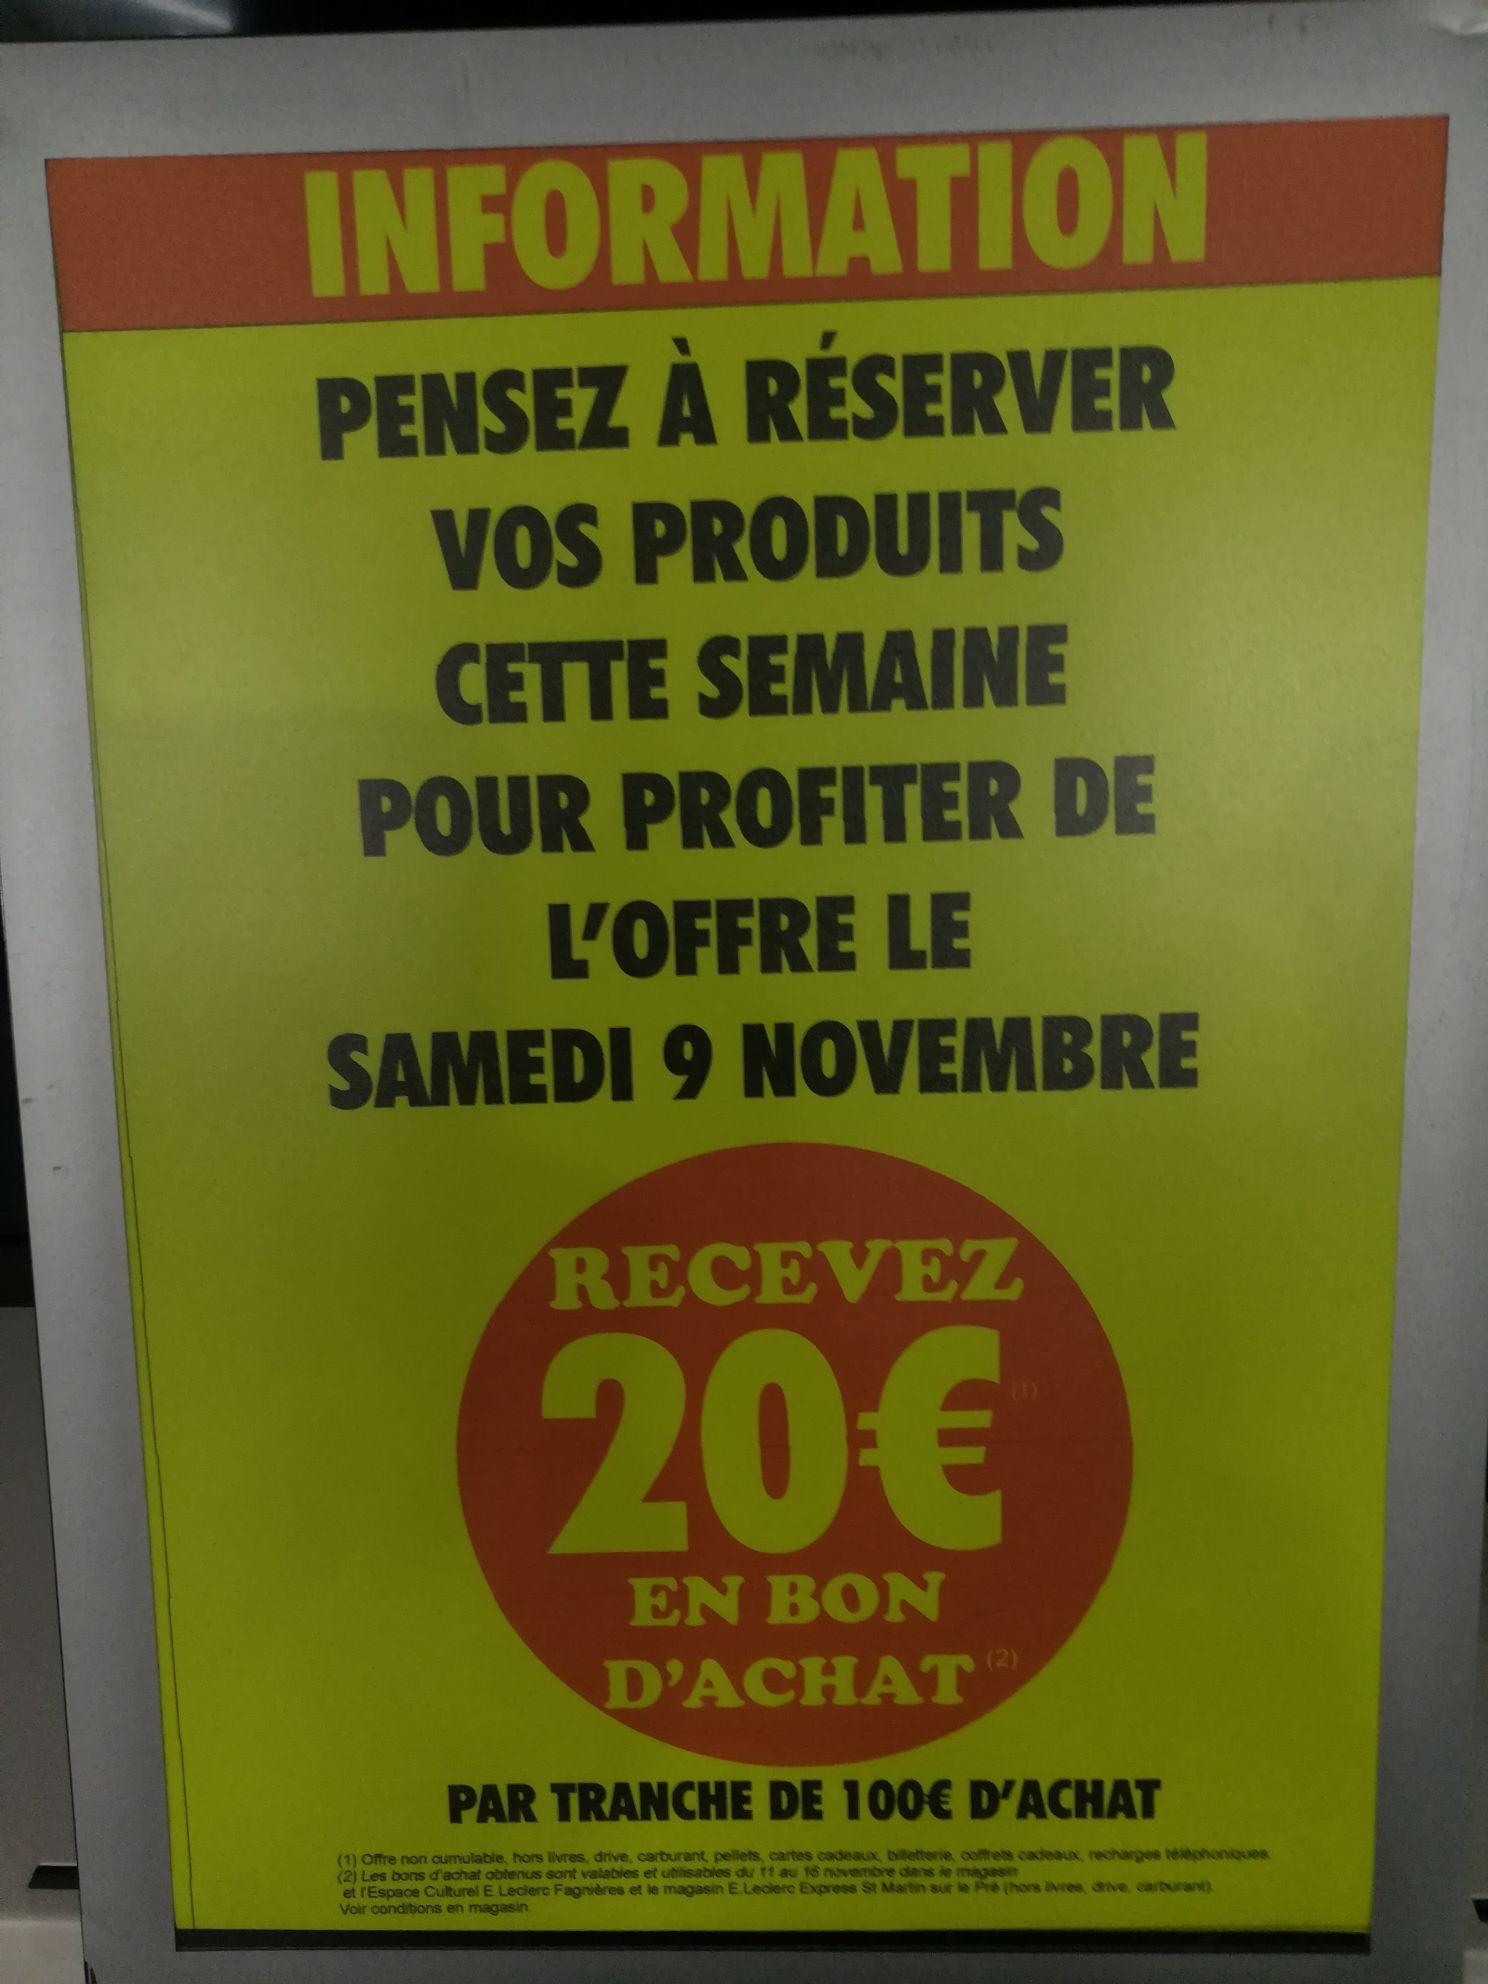 20€ offerts en bon d'achat tous les 100€ d'achat - Fagnières (51)